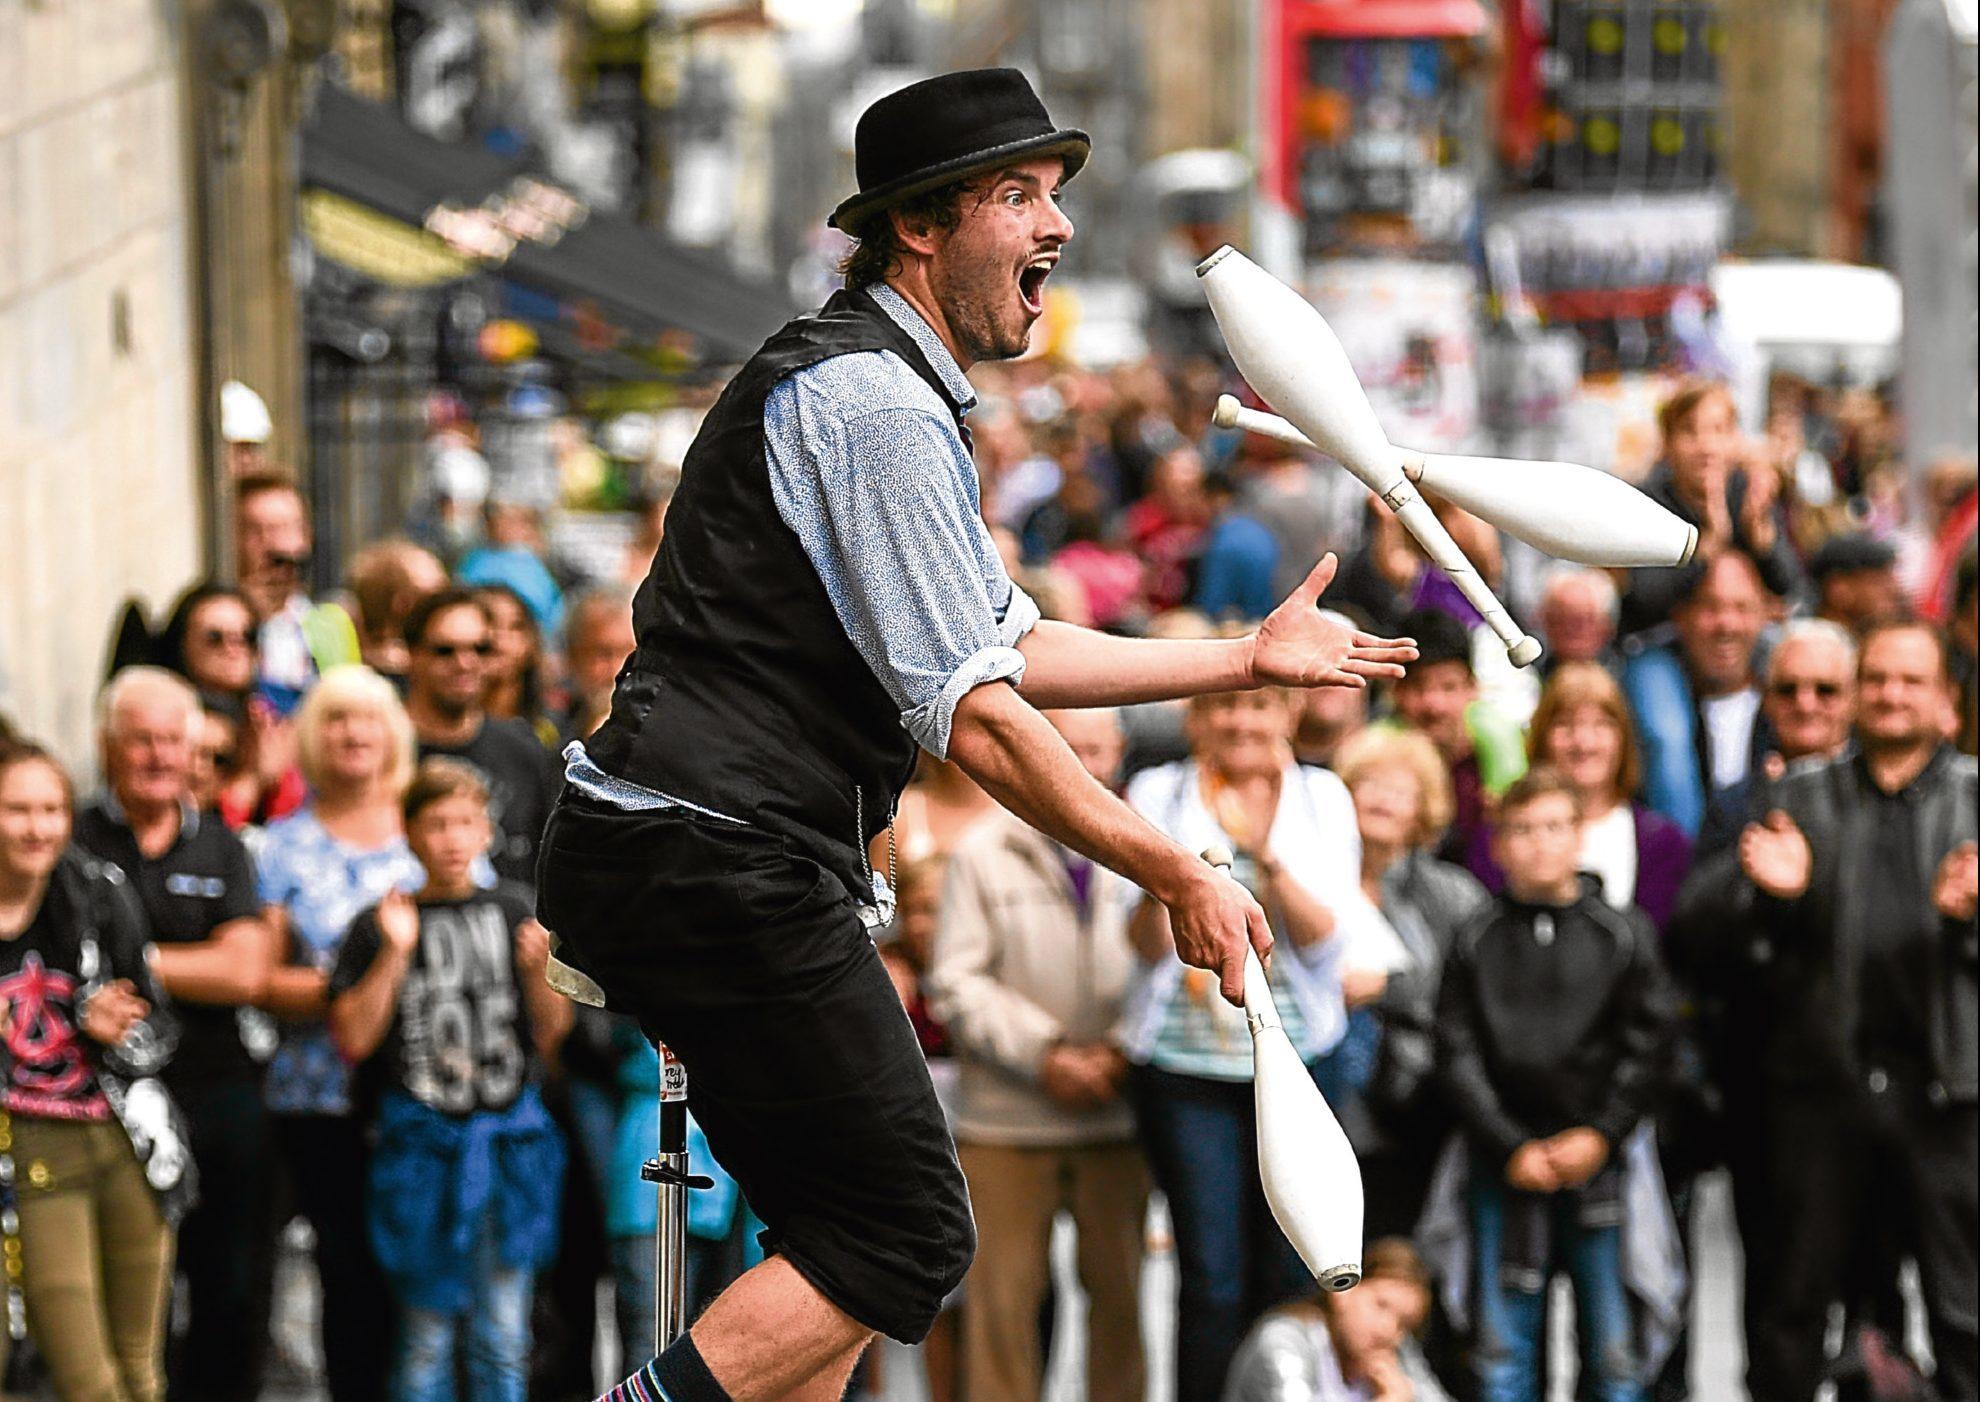 The Edinburgh Fringe Festival has returned.